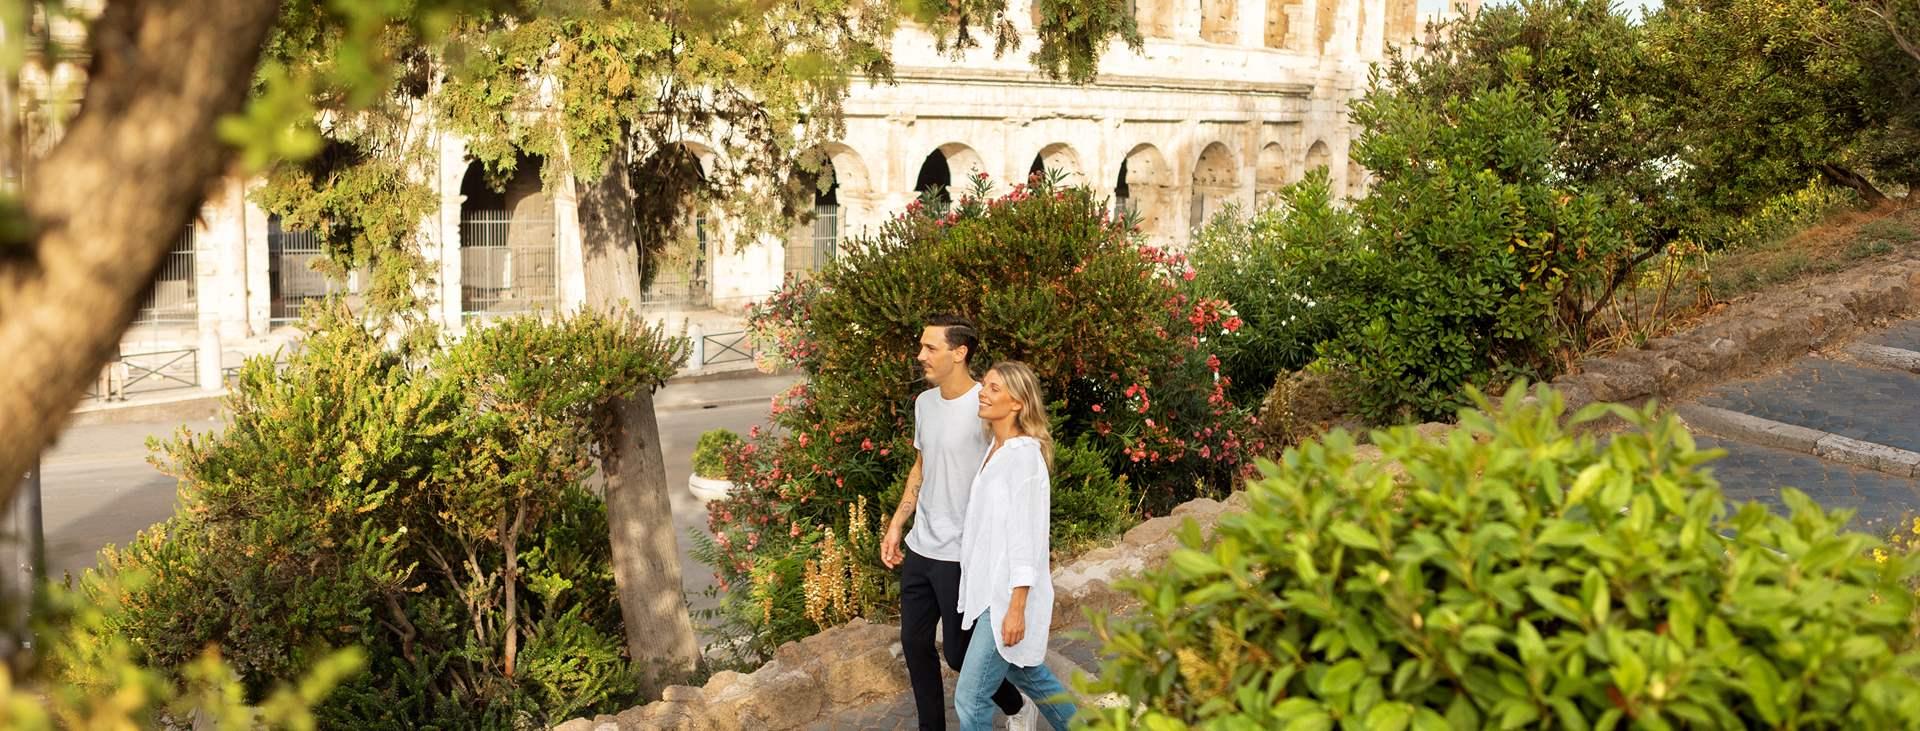 Bestill en reise med Ving til Roma i Italia